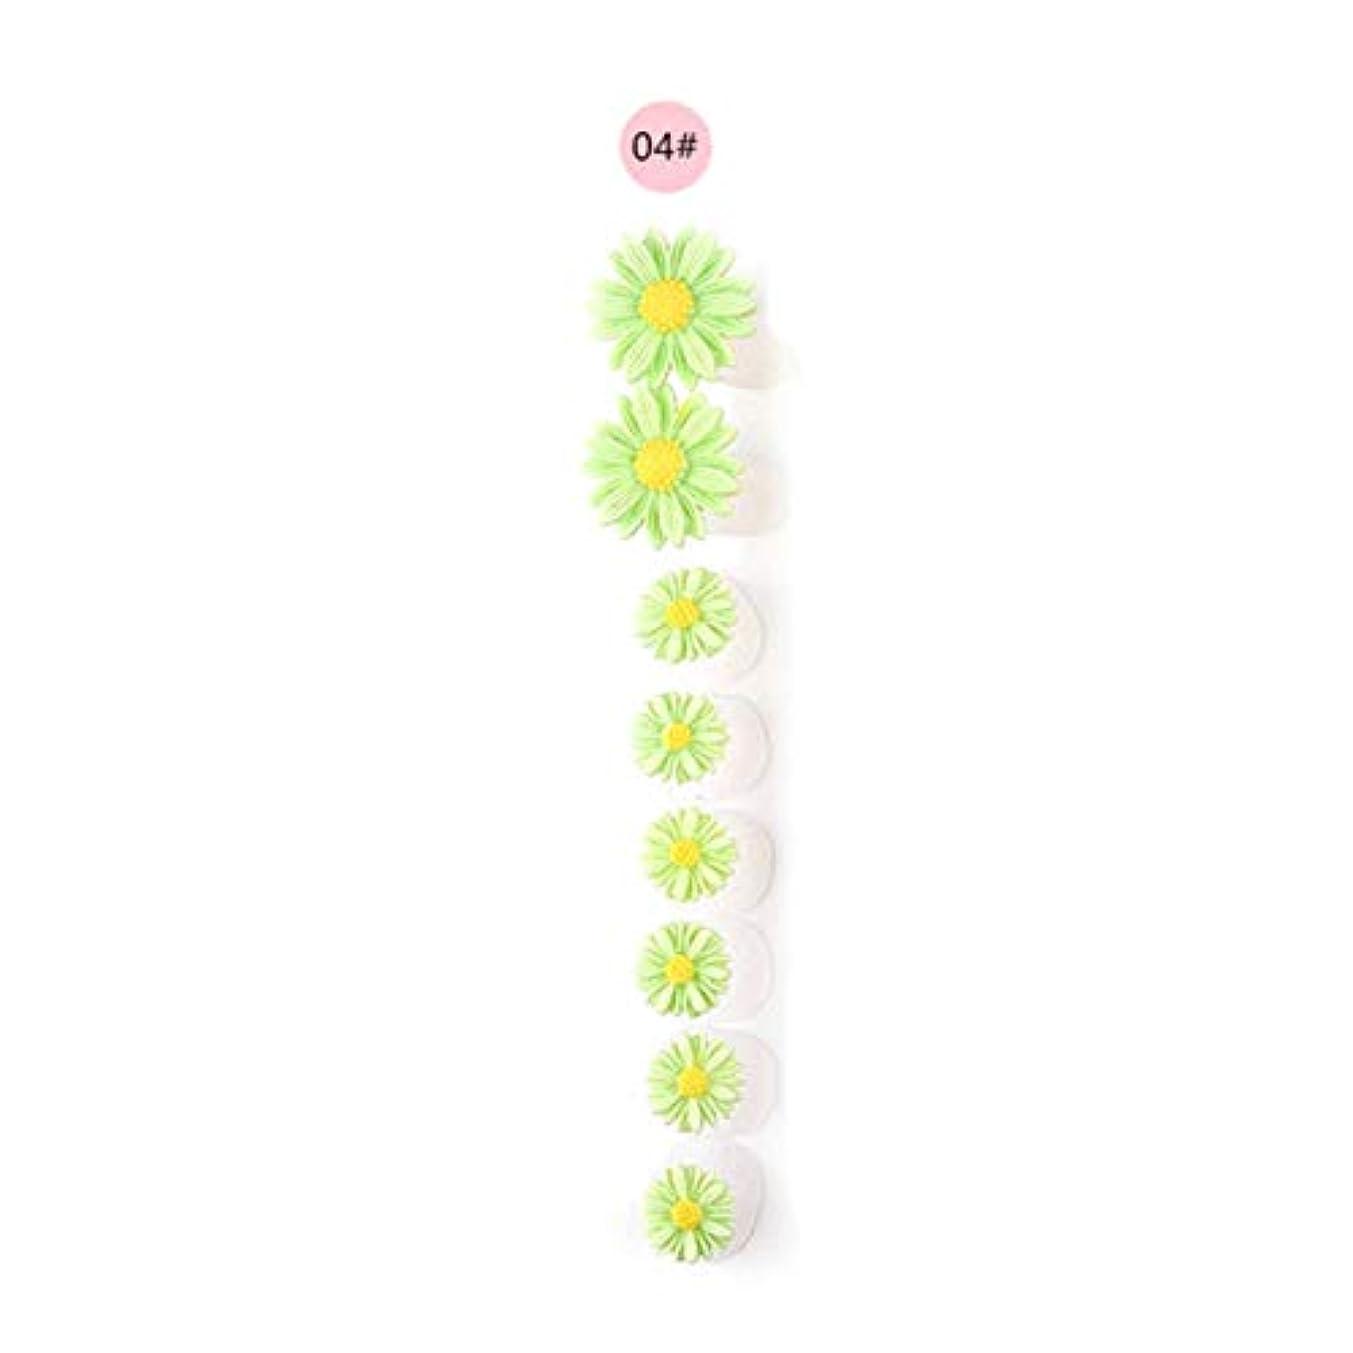 担保ゆり忙しい8ピース/セットシリコンつま先セパレーター足つま先スペーサー花形ペディキュアDIYネイルアートツール-カラフル04#